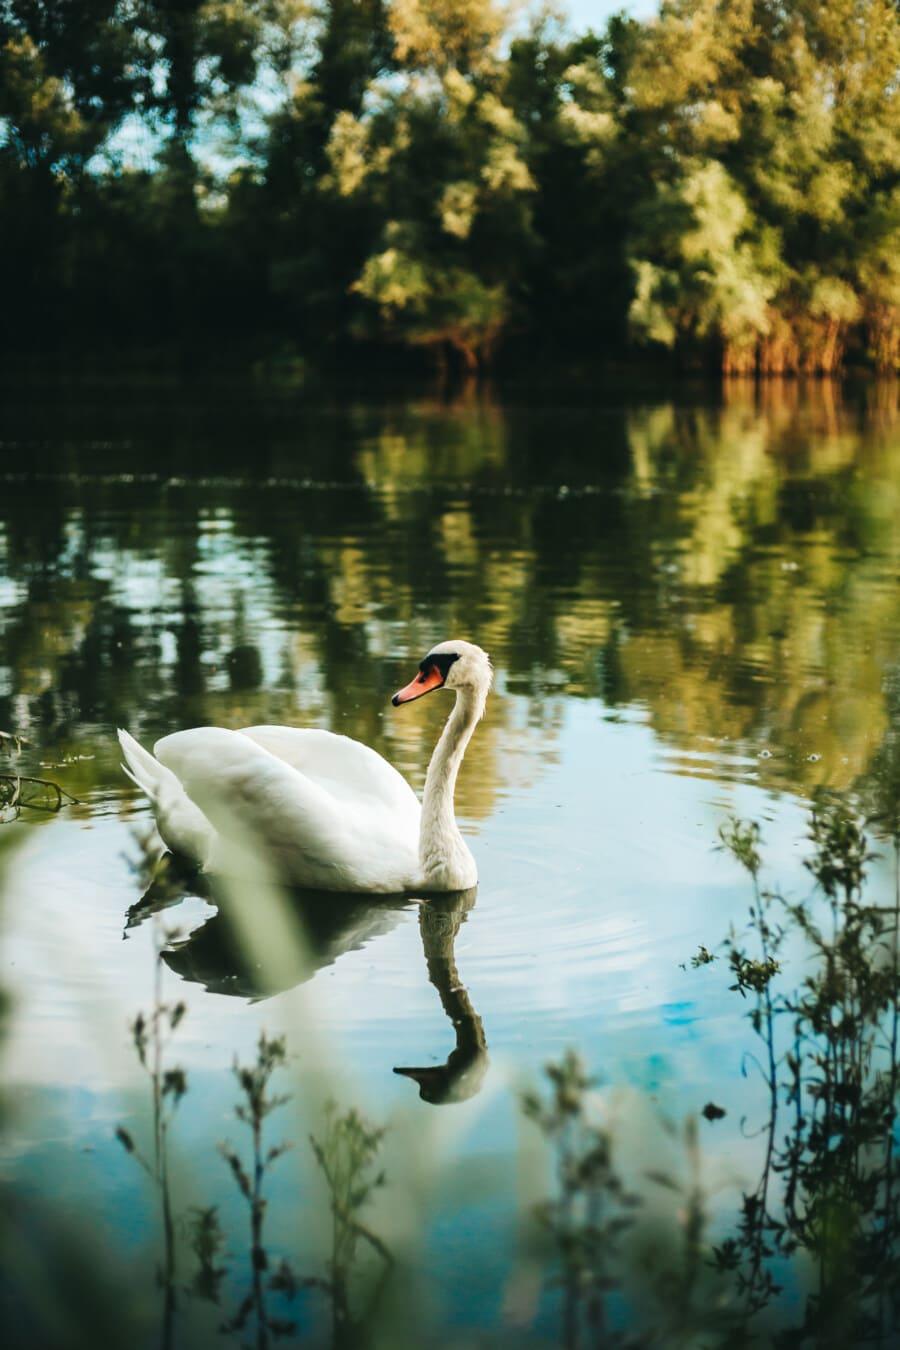 swan, aquatic bird, wading bird, water, wildlife, beak, lake, wild, birds, pelican